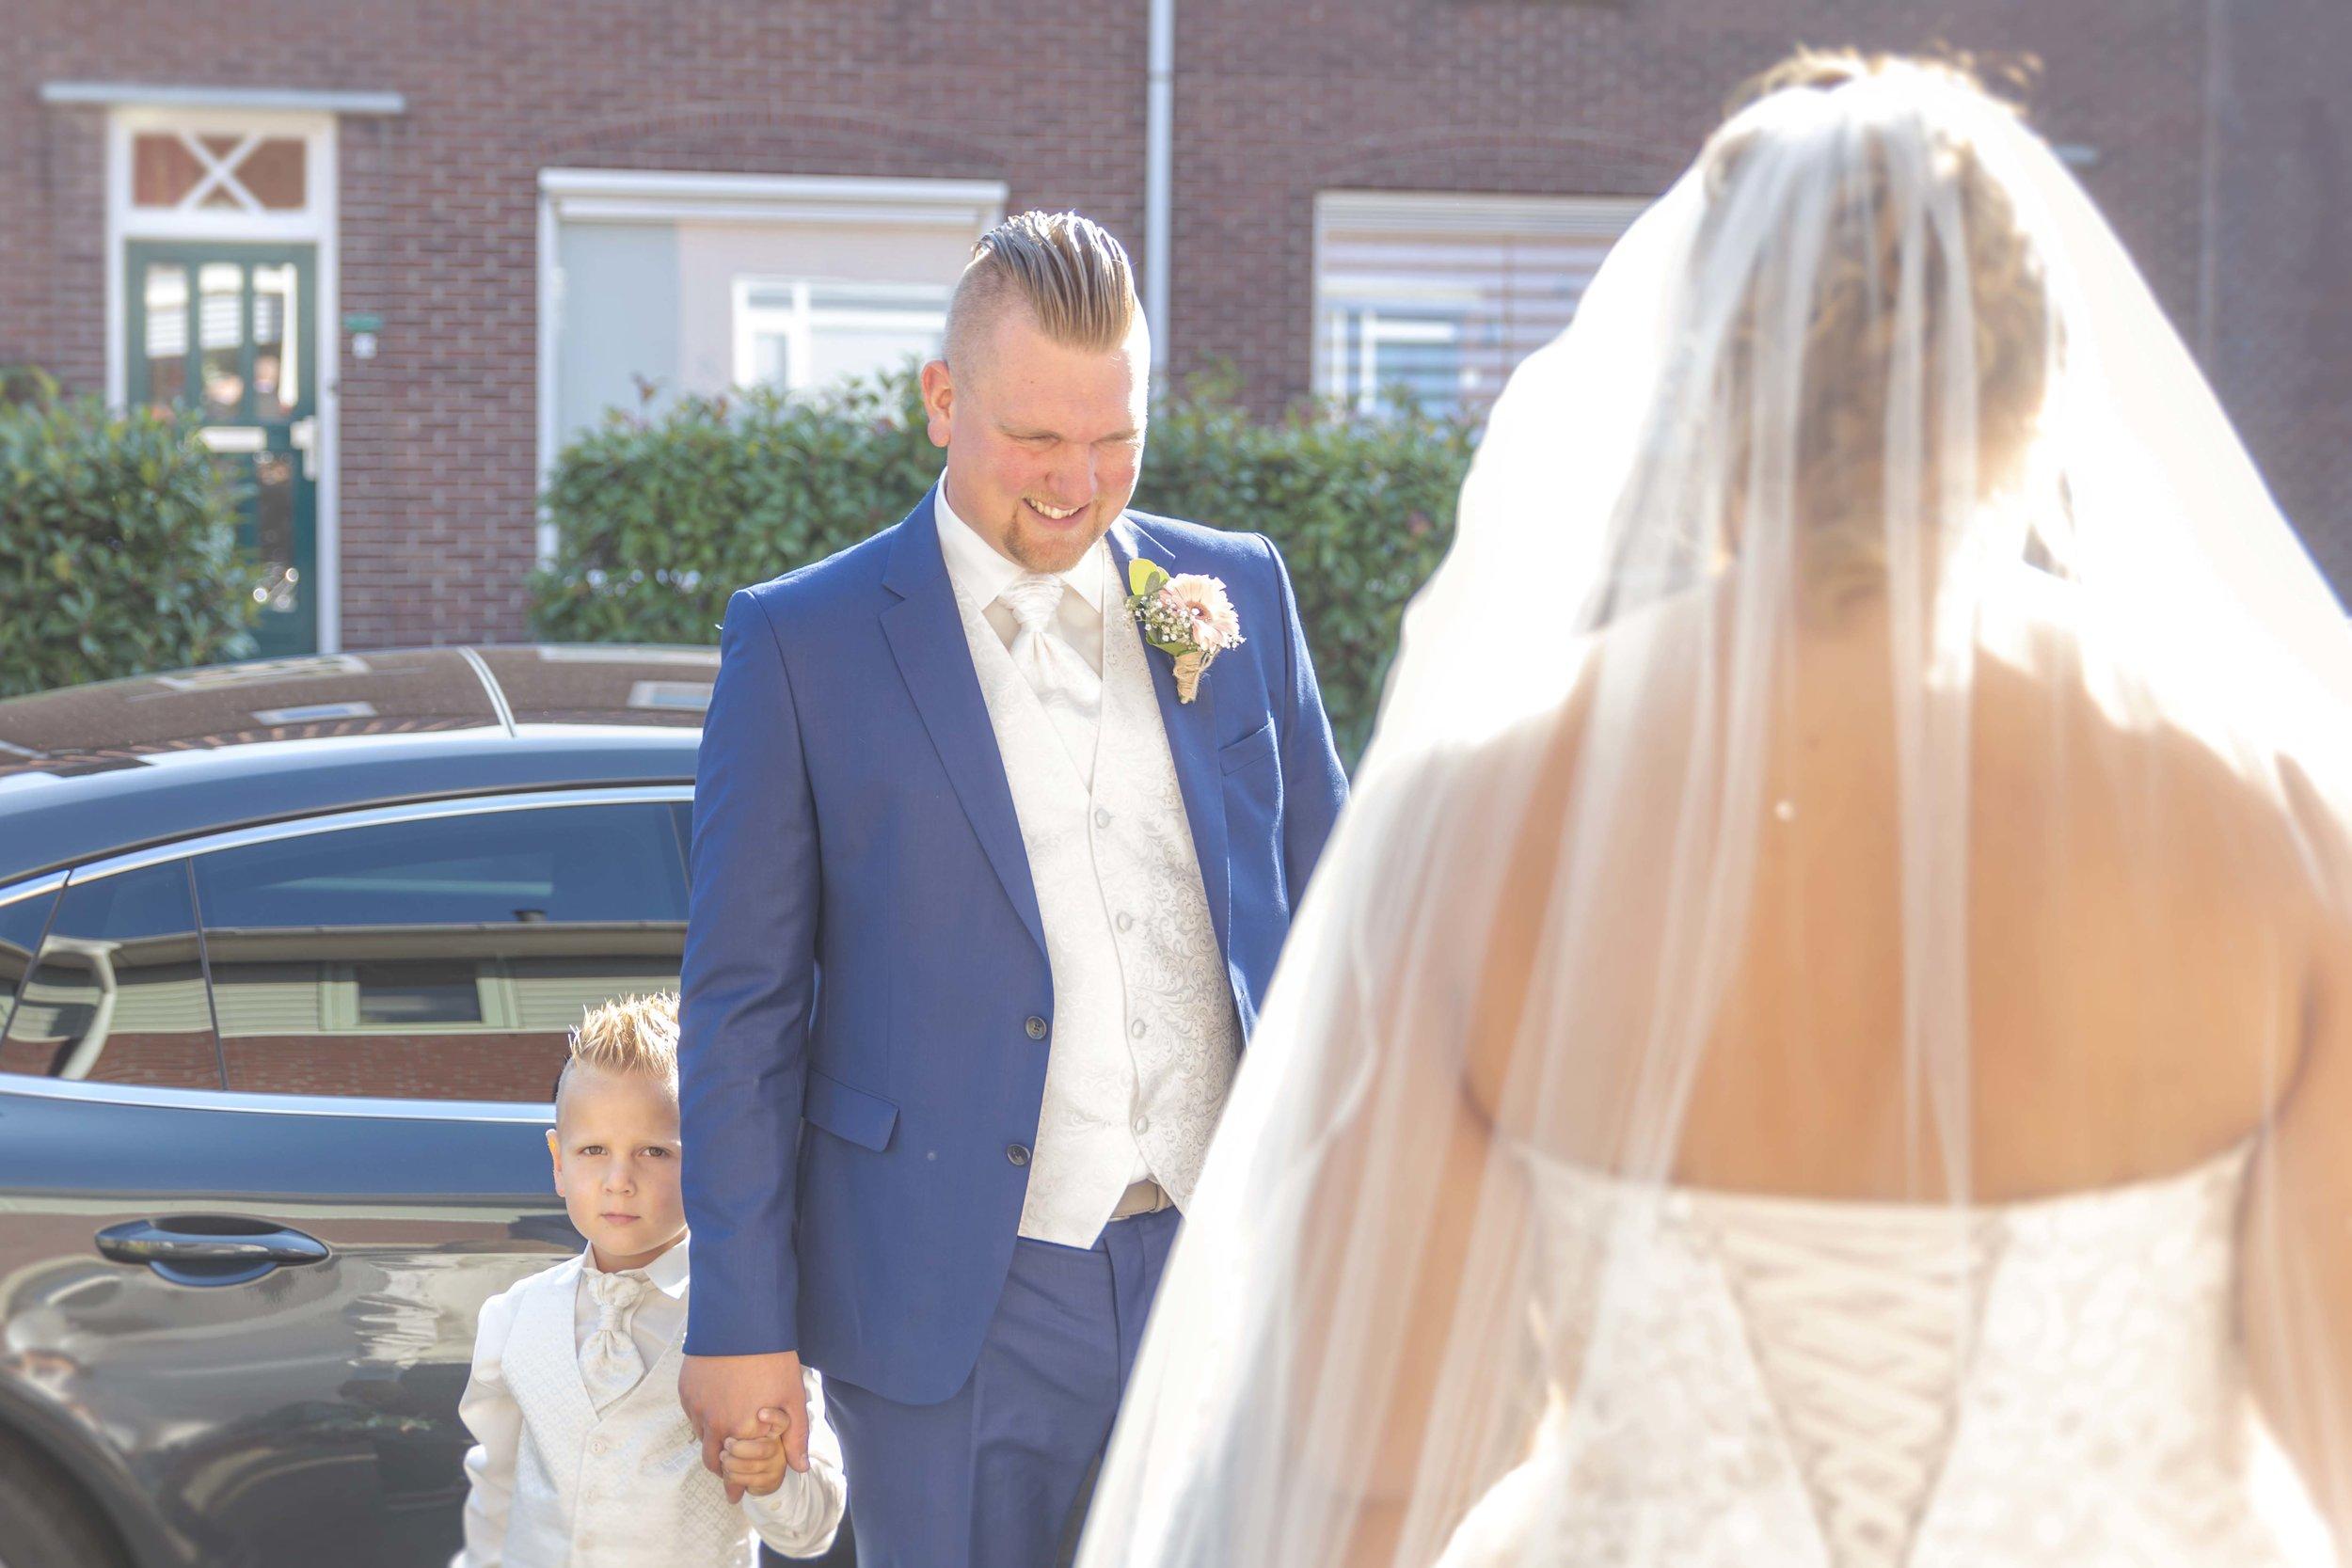 trouwen vanuit ouderlijk huis. bruid haalt bruidegom op